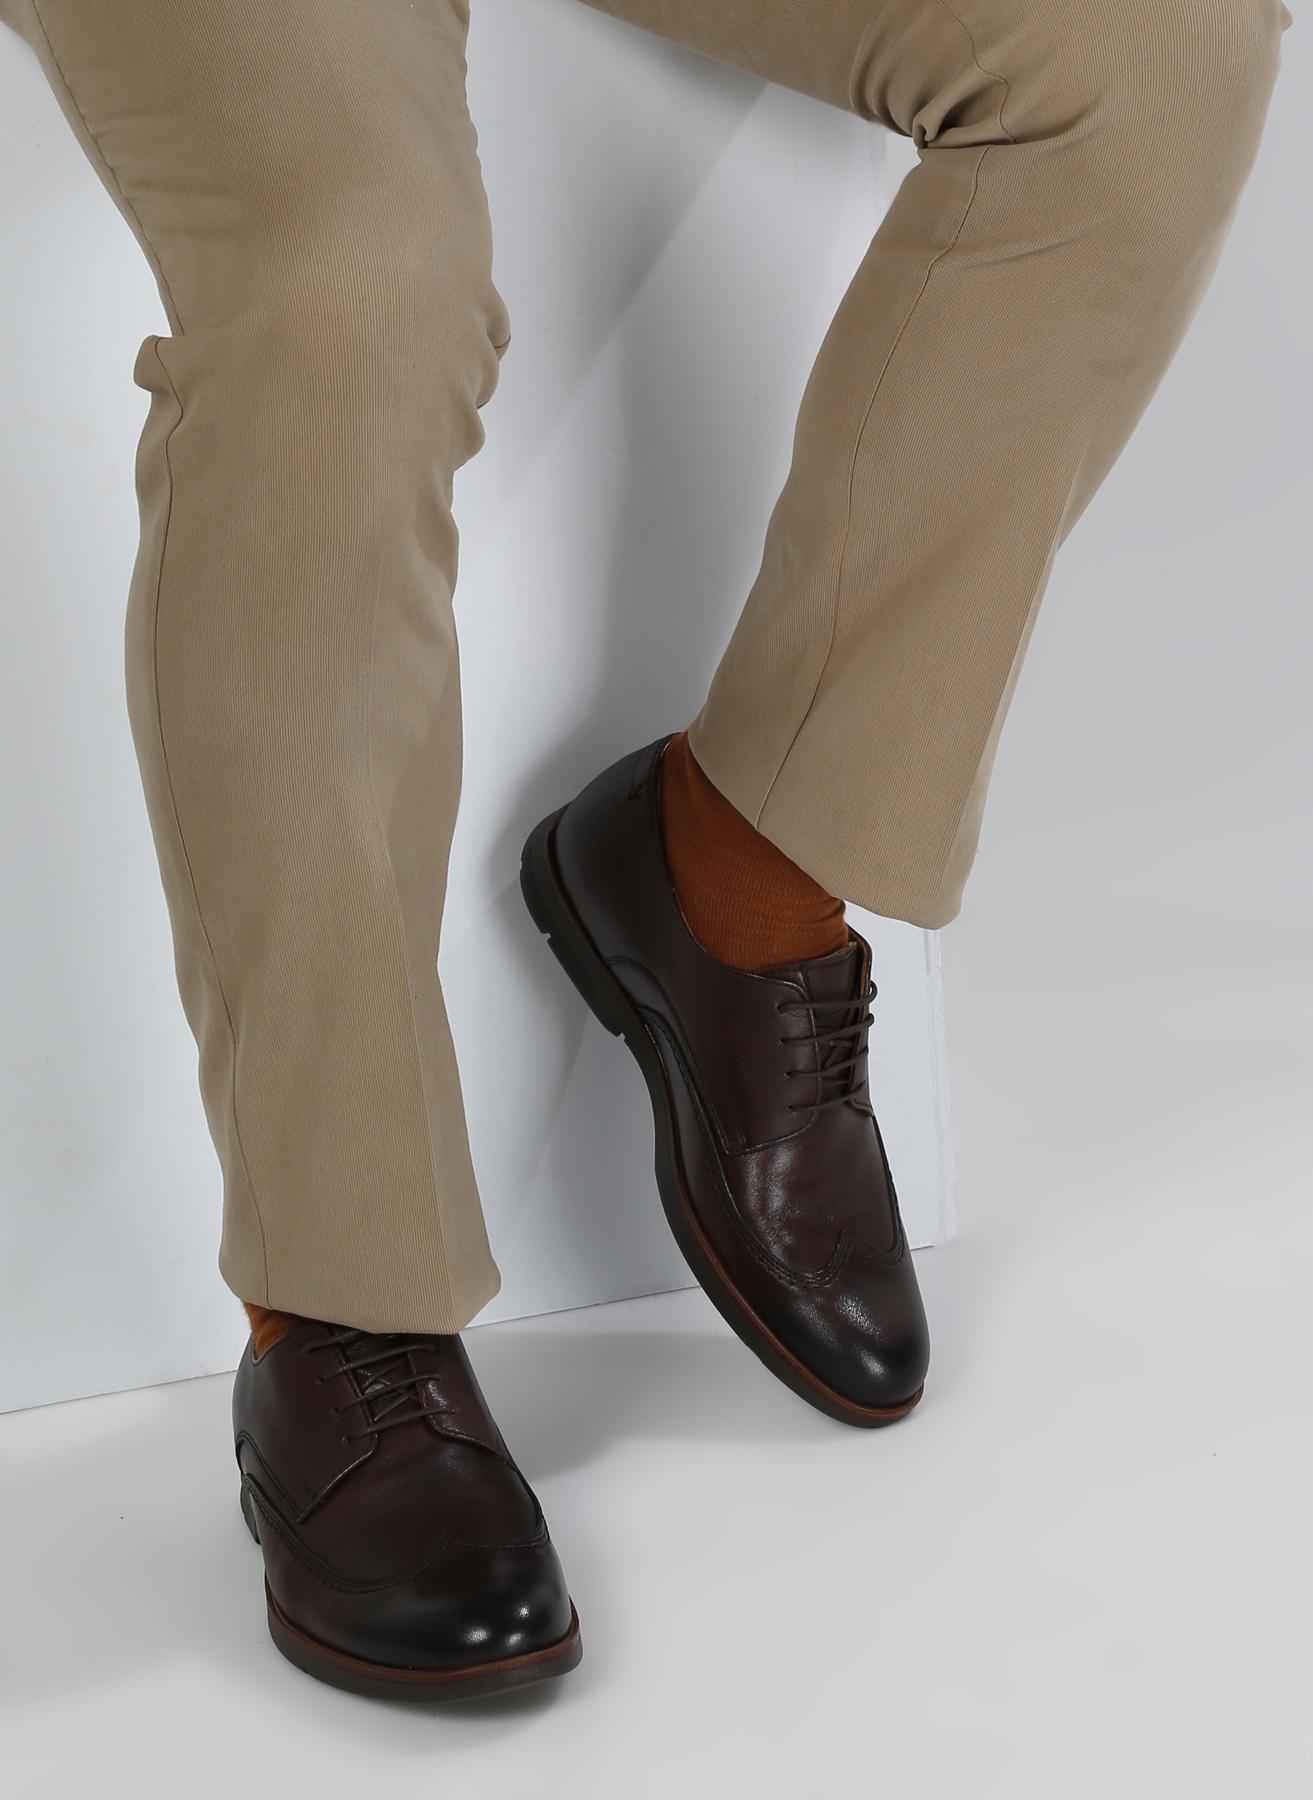 Penford Deri Kahve Klasik Ayakkabı 40 5001916512001 Ürün Resmi